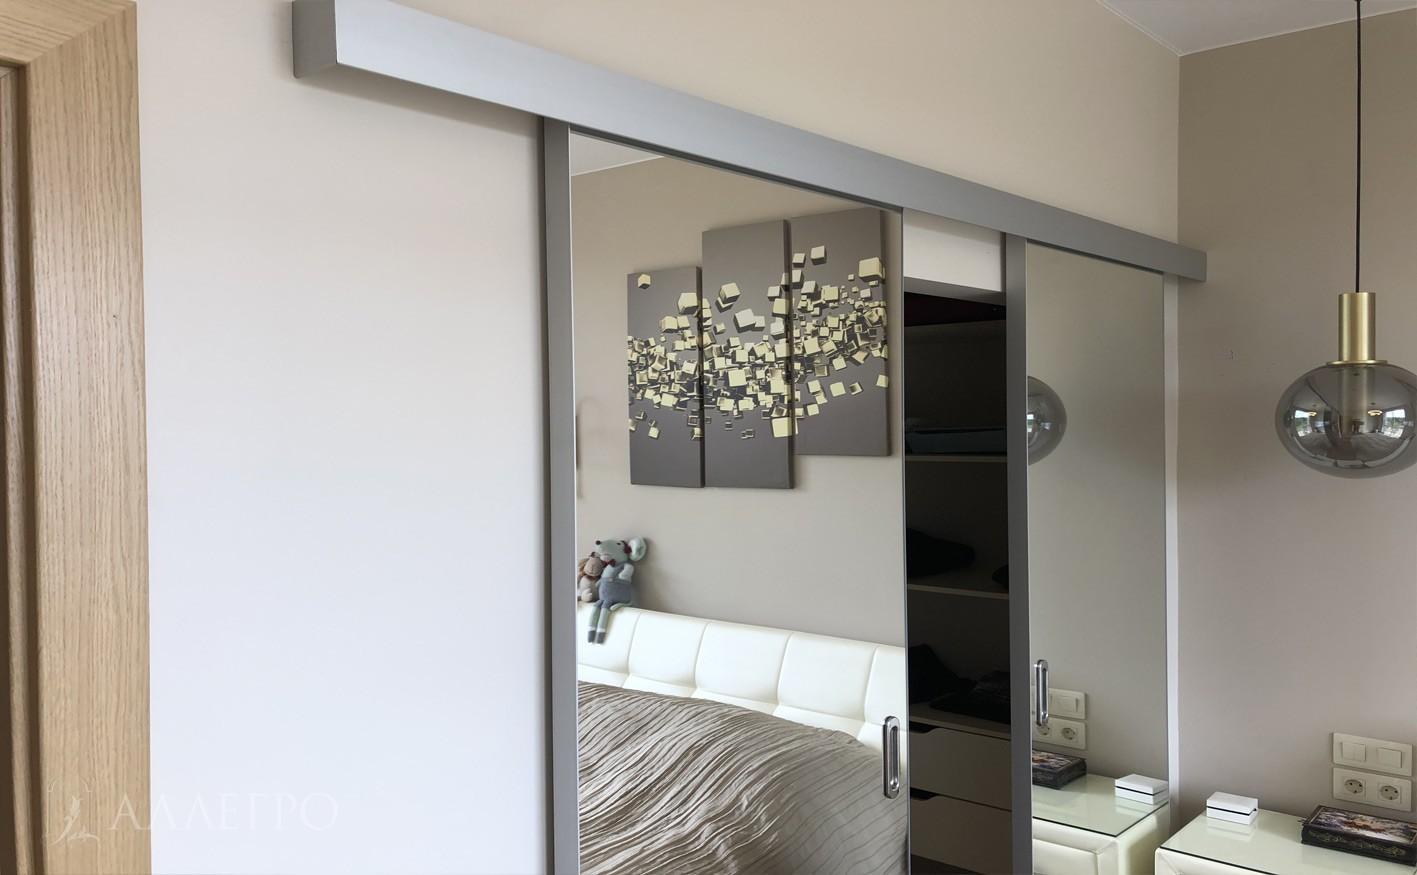 Зеркальные панели вставлены в алюминиевый профиль и тщательно проклеены по всему периметру. Очень надежная и безопасная конструкция.